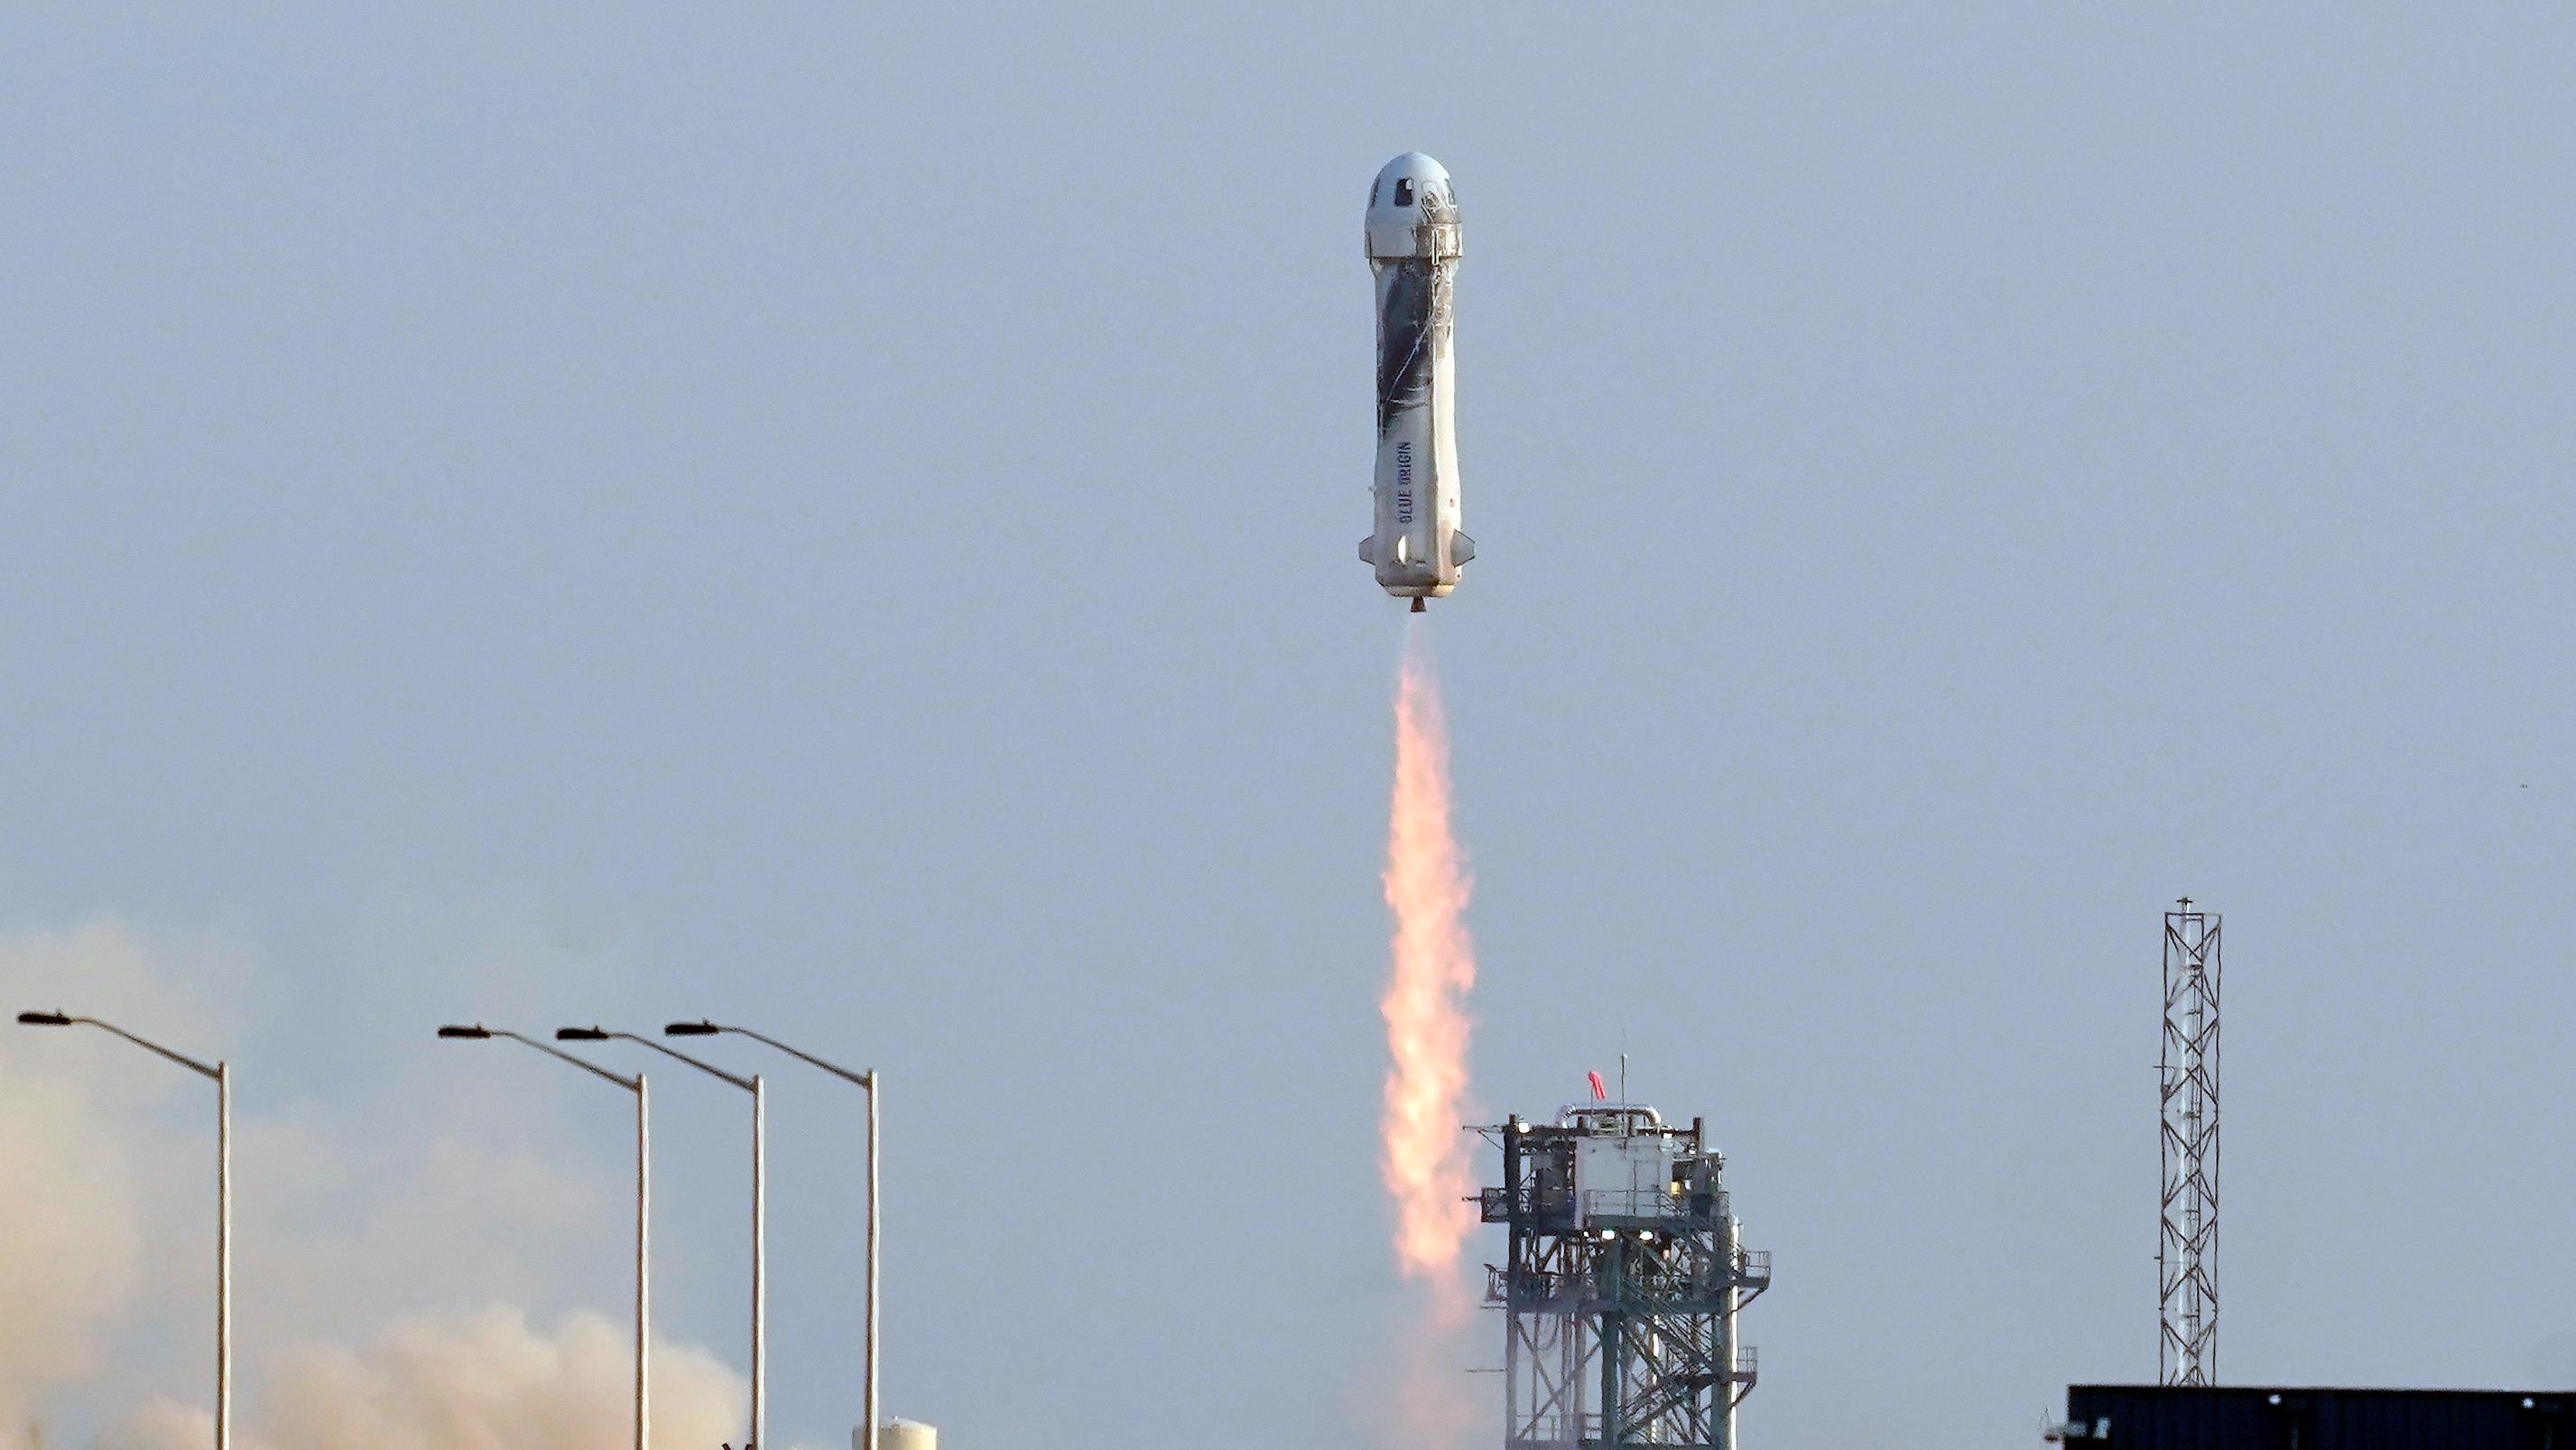 Blue Origin's New Shepard rocket launch